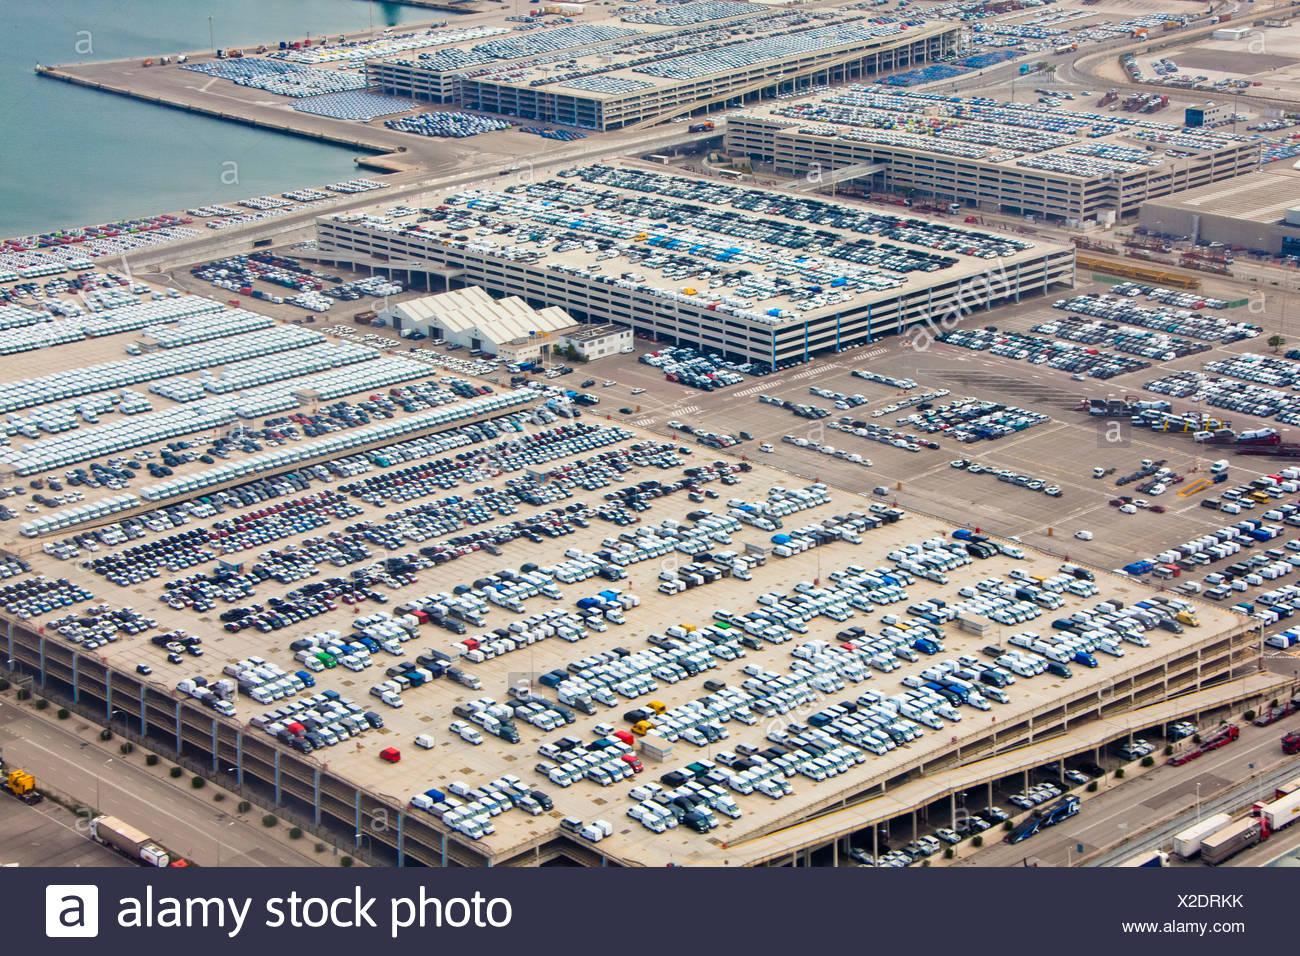 España, Barcelona, Puerto, Puerto, coches, aparcamiento, exportación, vista aérea, negocios Imagen De Stock